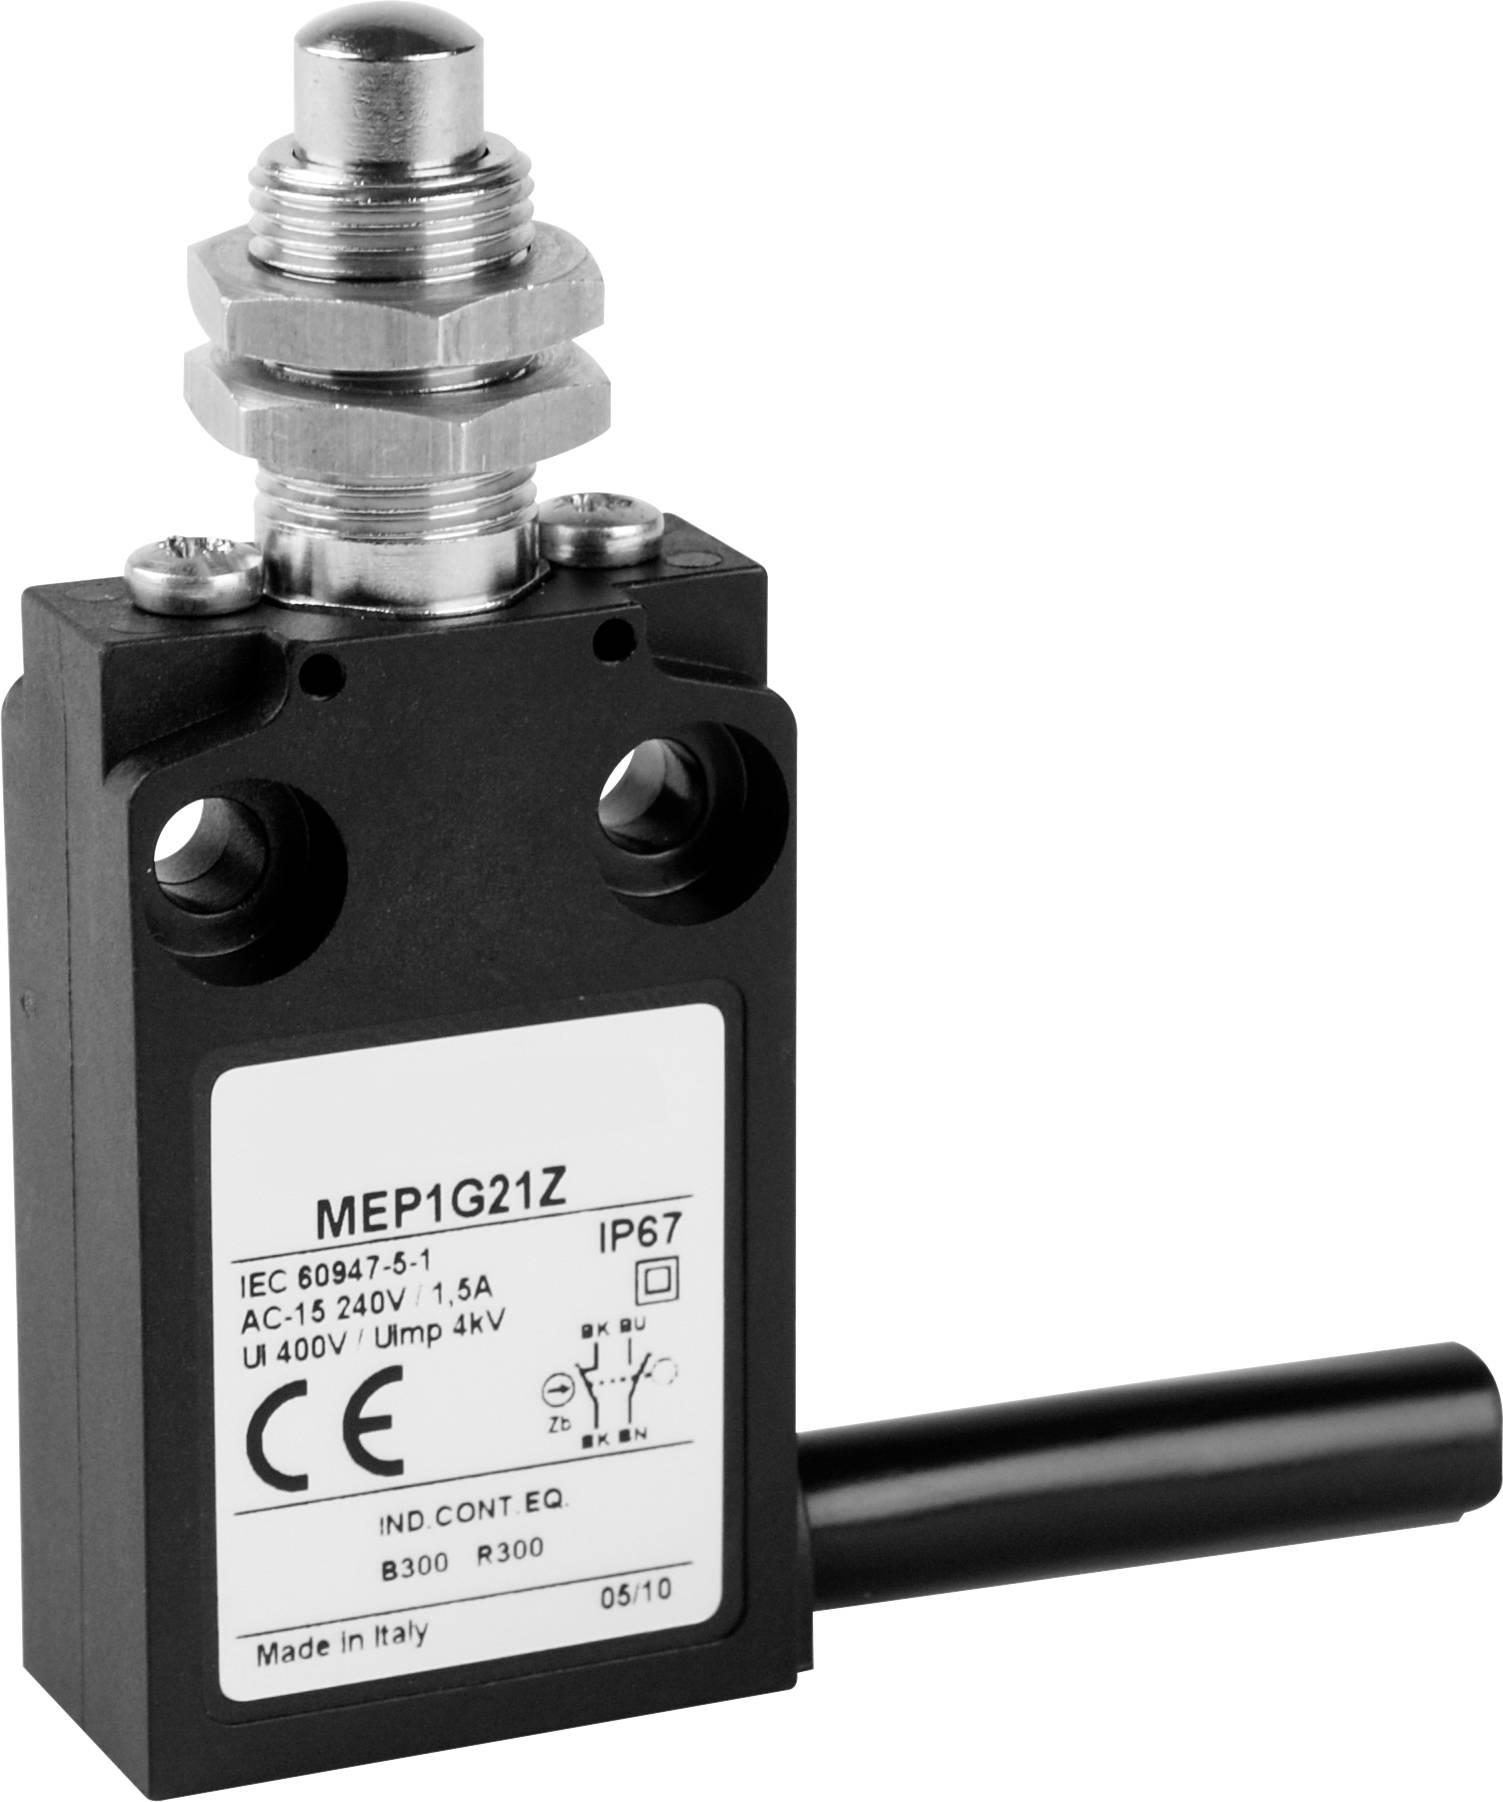 Koncový spínač Panasonic MEP1G21Z, 24 V, 5 A, zdvihátko se závitem, IP67, 1 ks